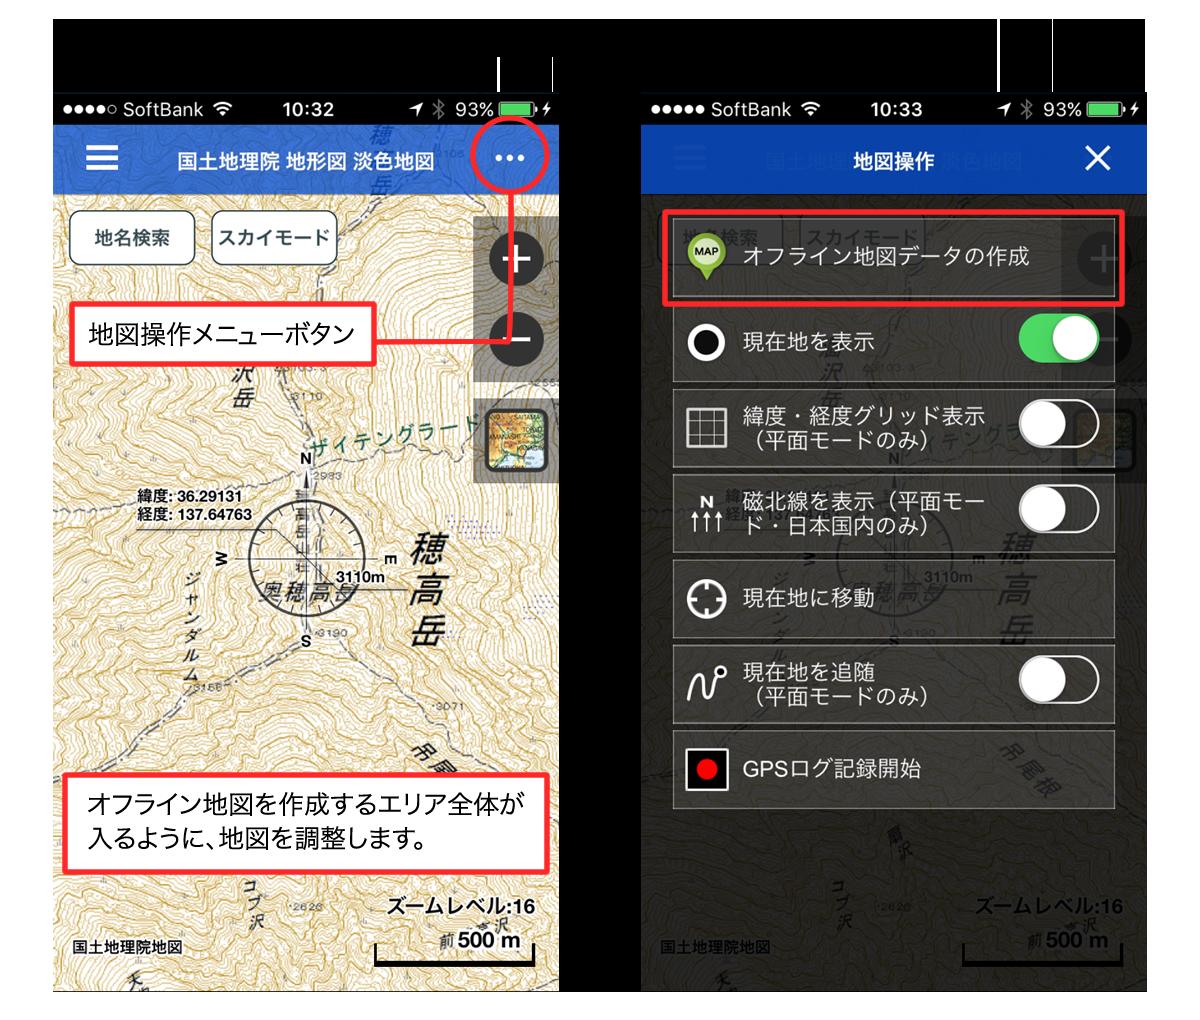 オフライン地図データの新規作成